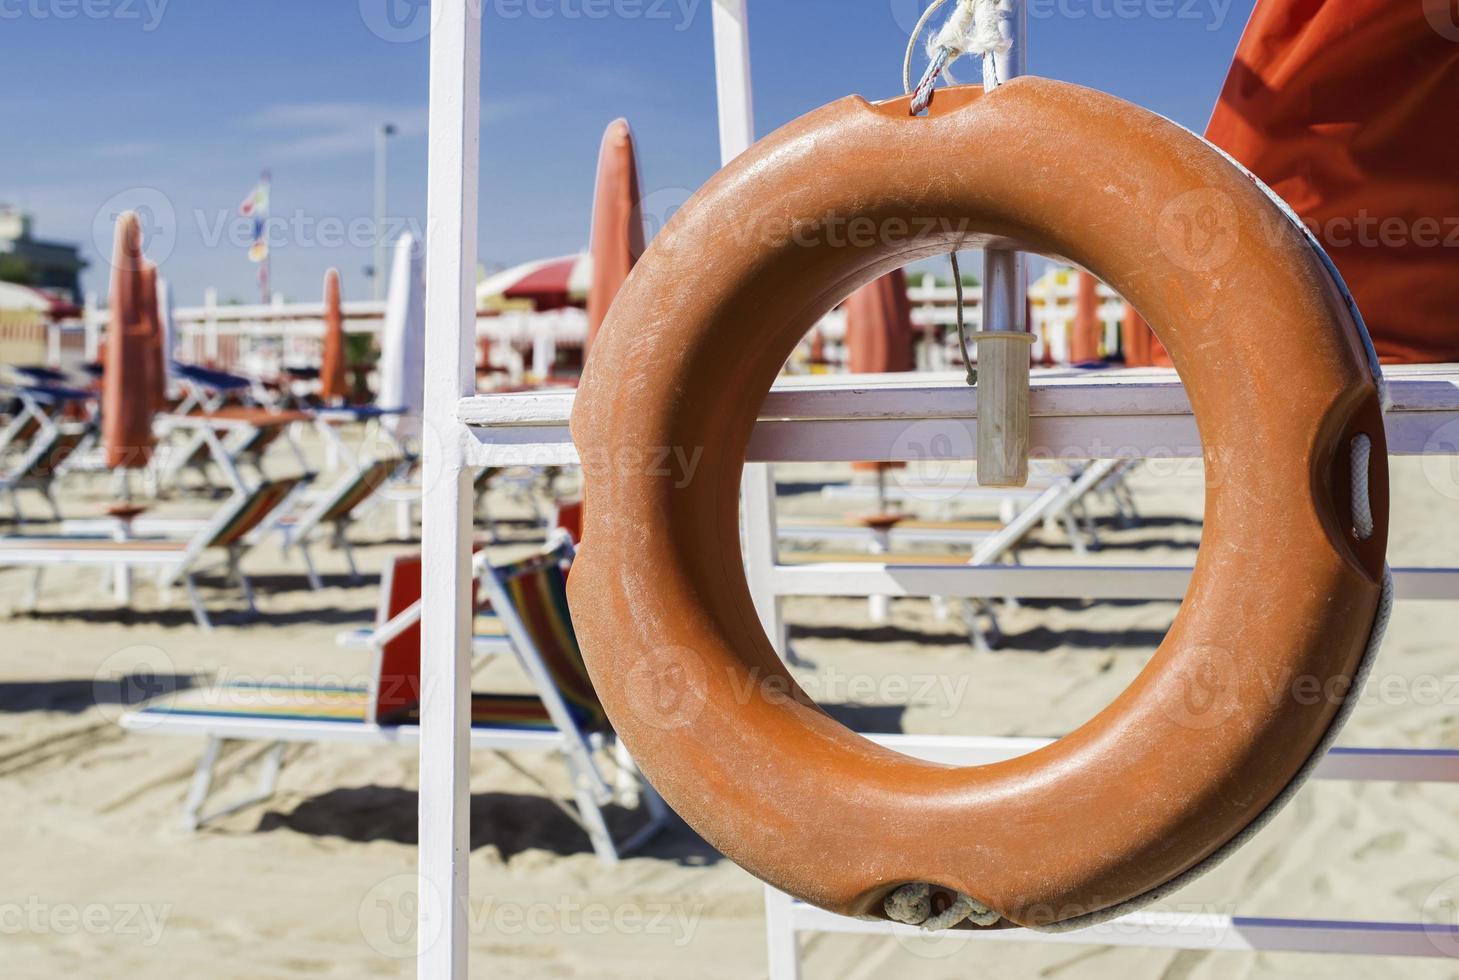 equipo de seguridad en la playa foto